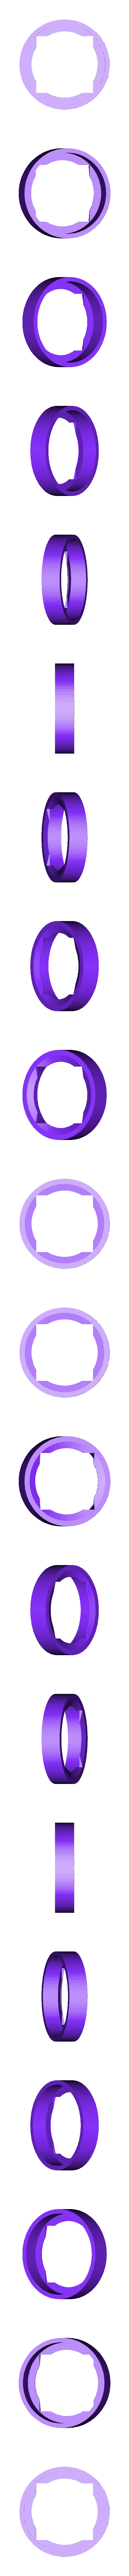 LENS_clip_0-3.stl Télécharger fichier STL gratuit CADDX Turtle ND Clip / Protecteur d'objectif • Plan à imprimer en 3D, Gophy